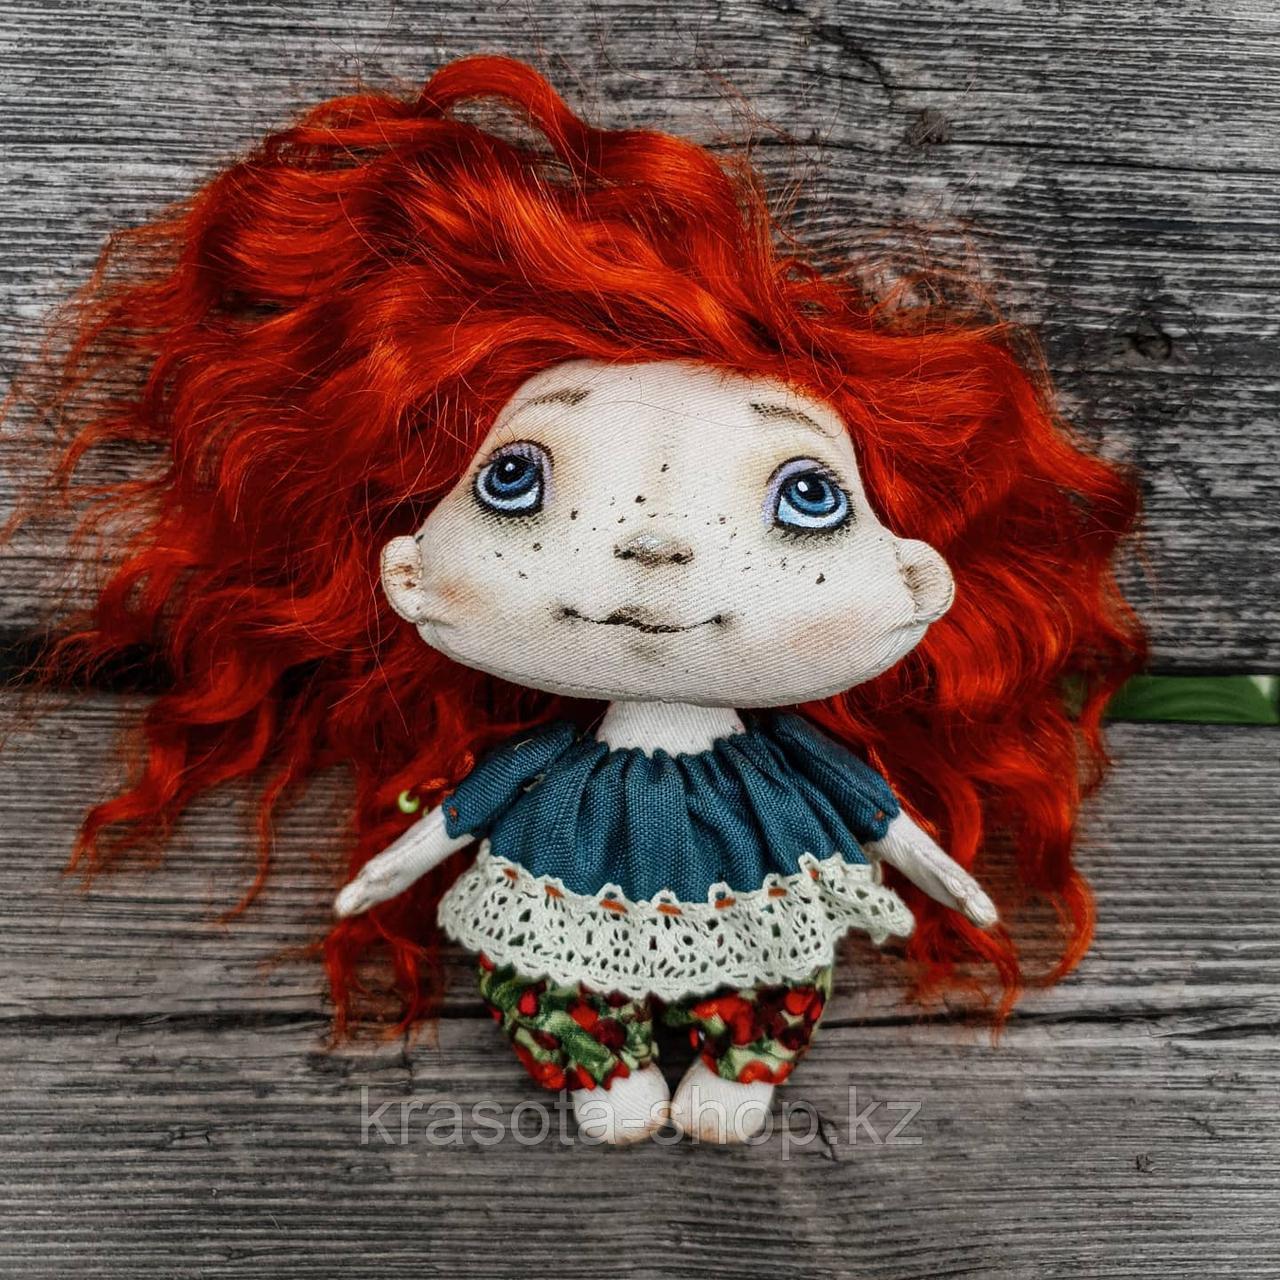 Авторская  тектильная кукла